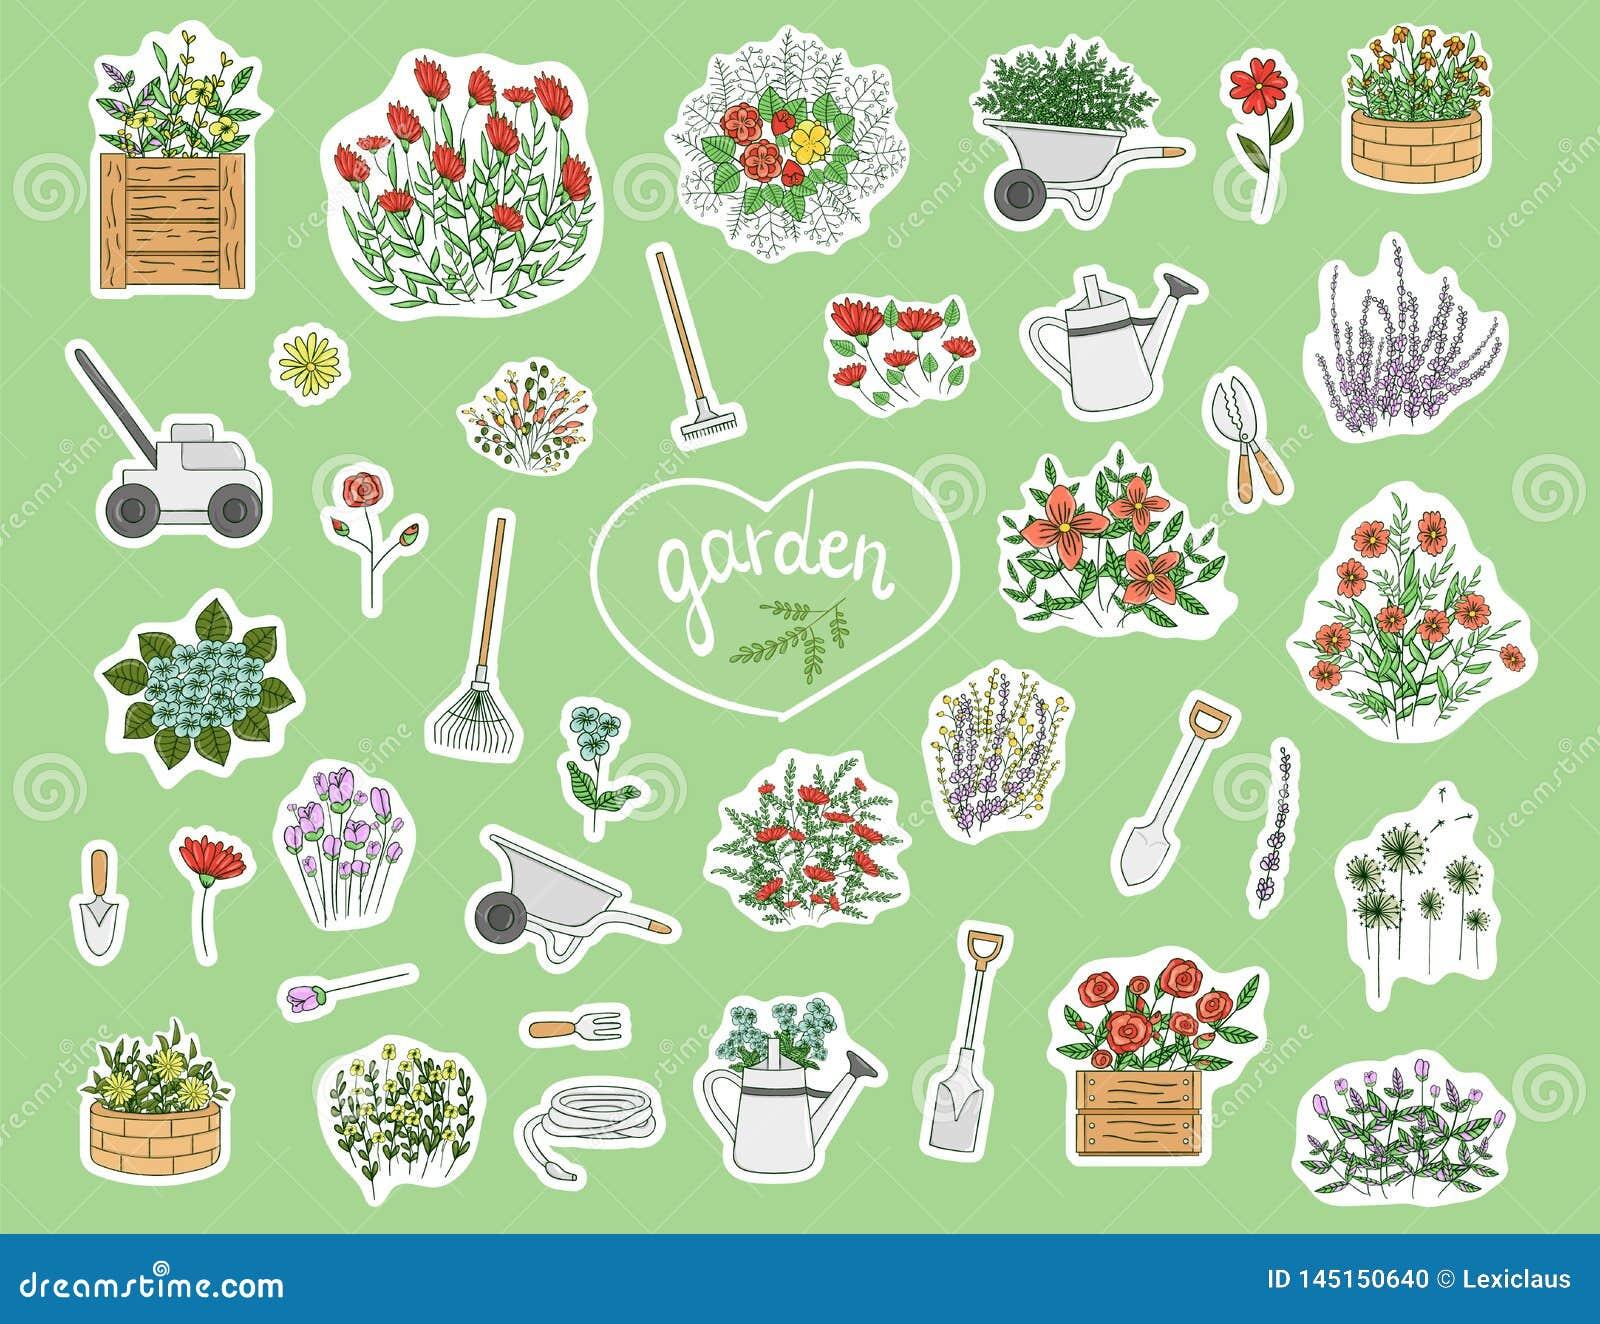 Les Outils De Jardinage Avec Photos ensemble de vecteur d'autocollants color?s avec des outils